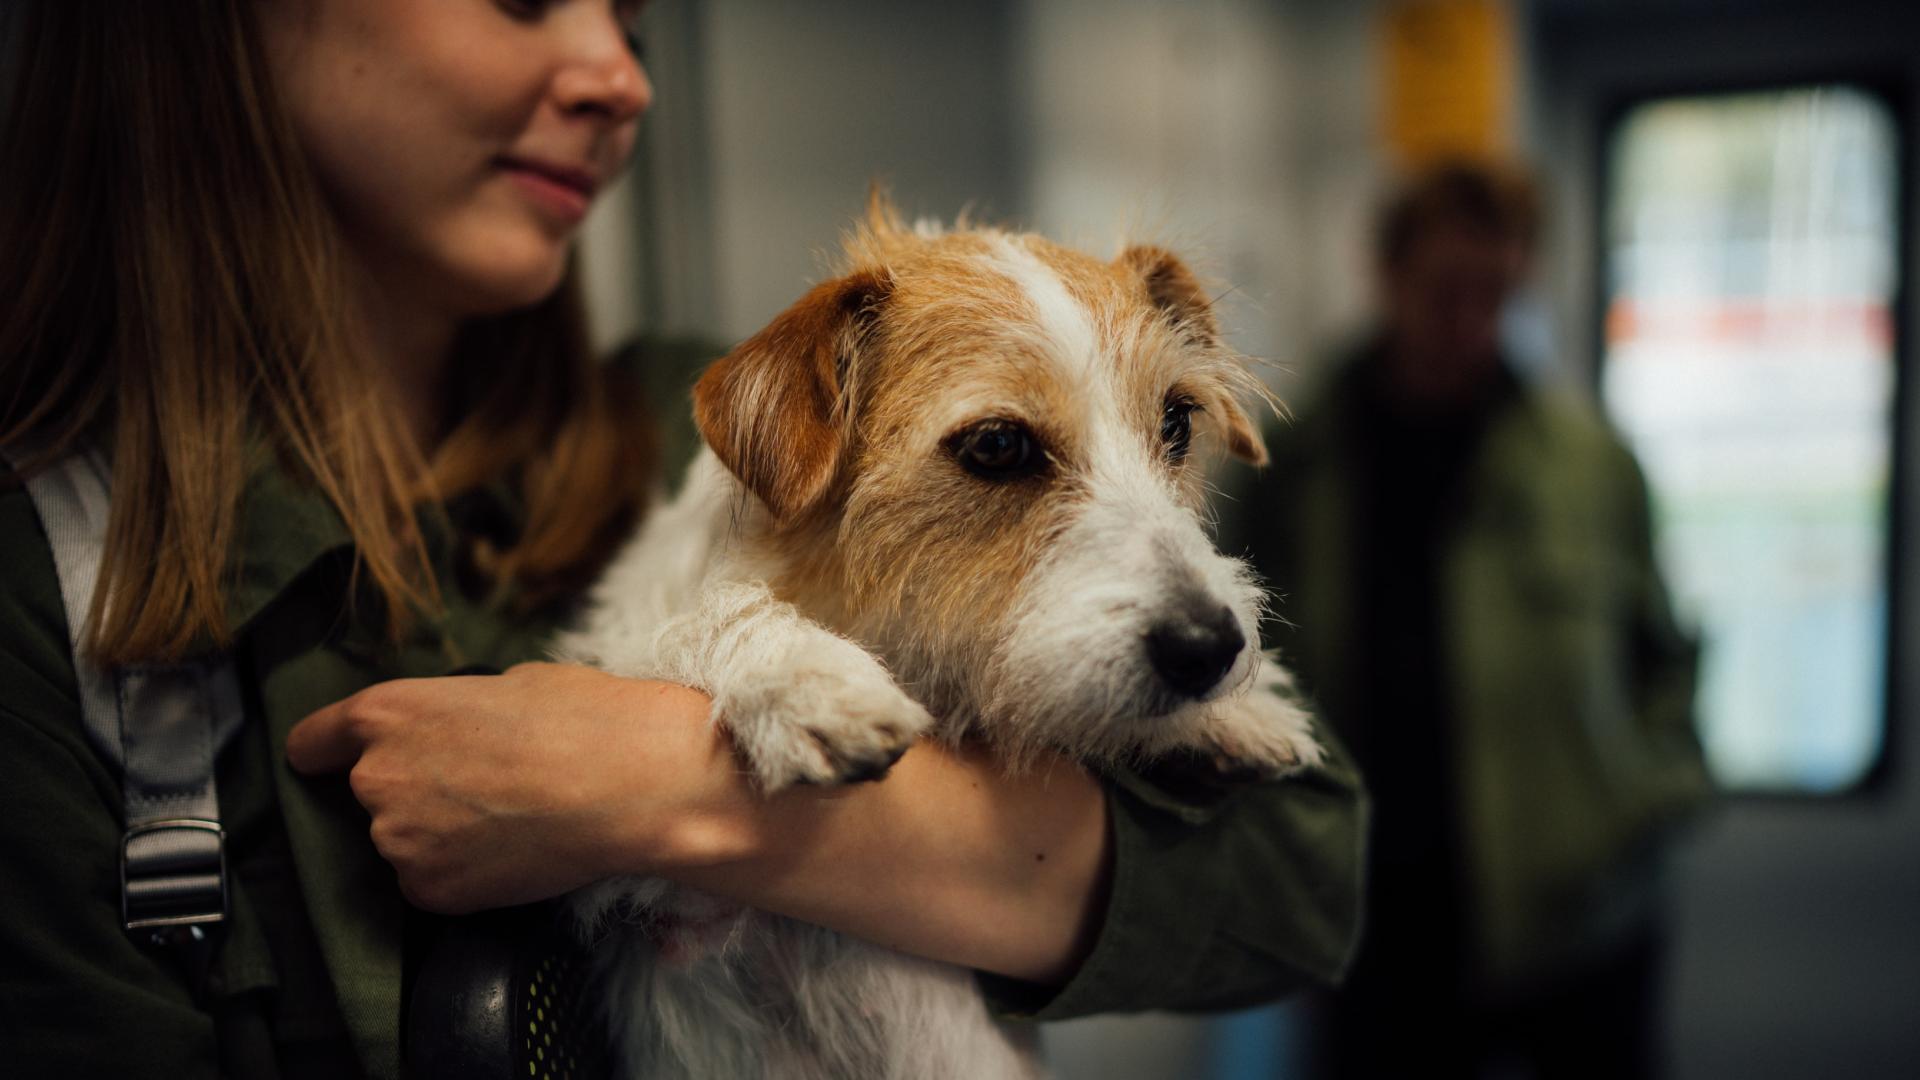 woman carrying esa dog at airport